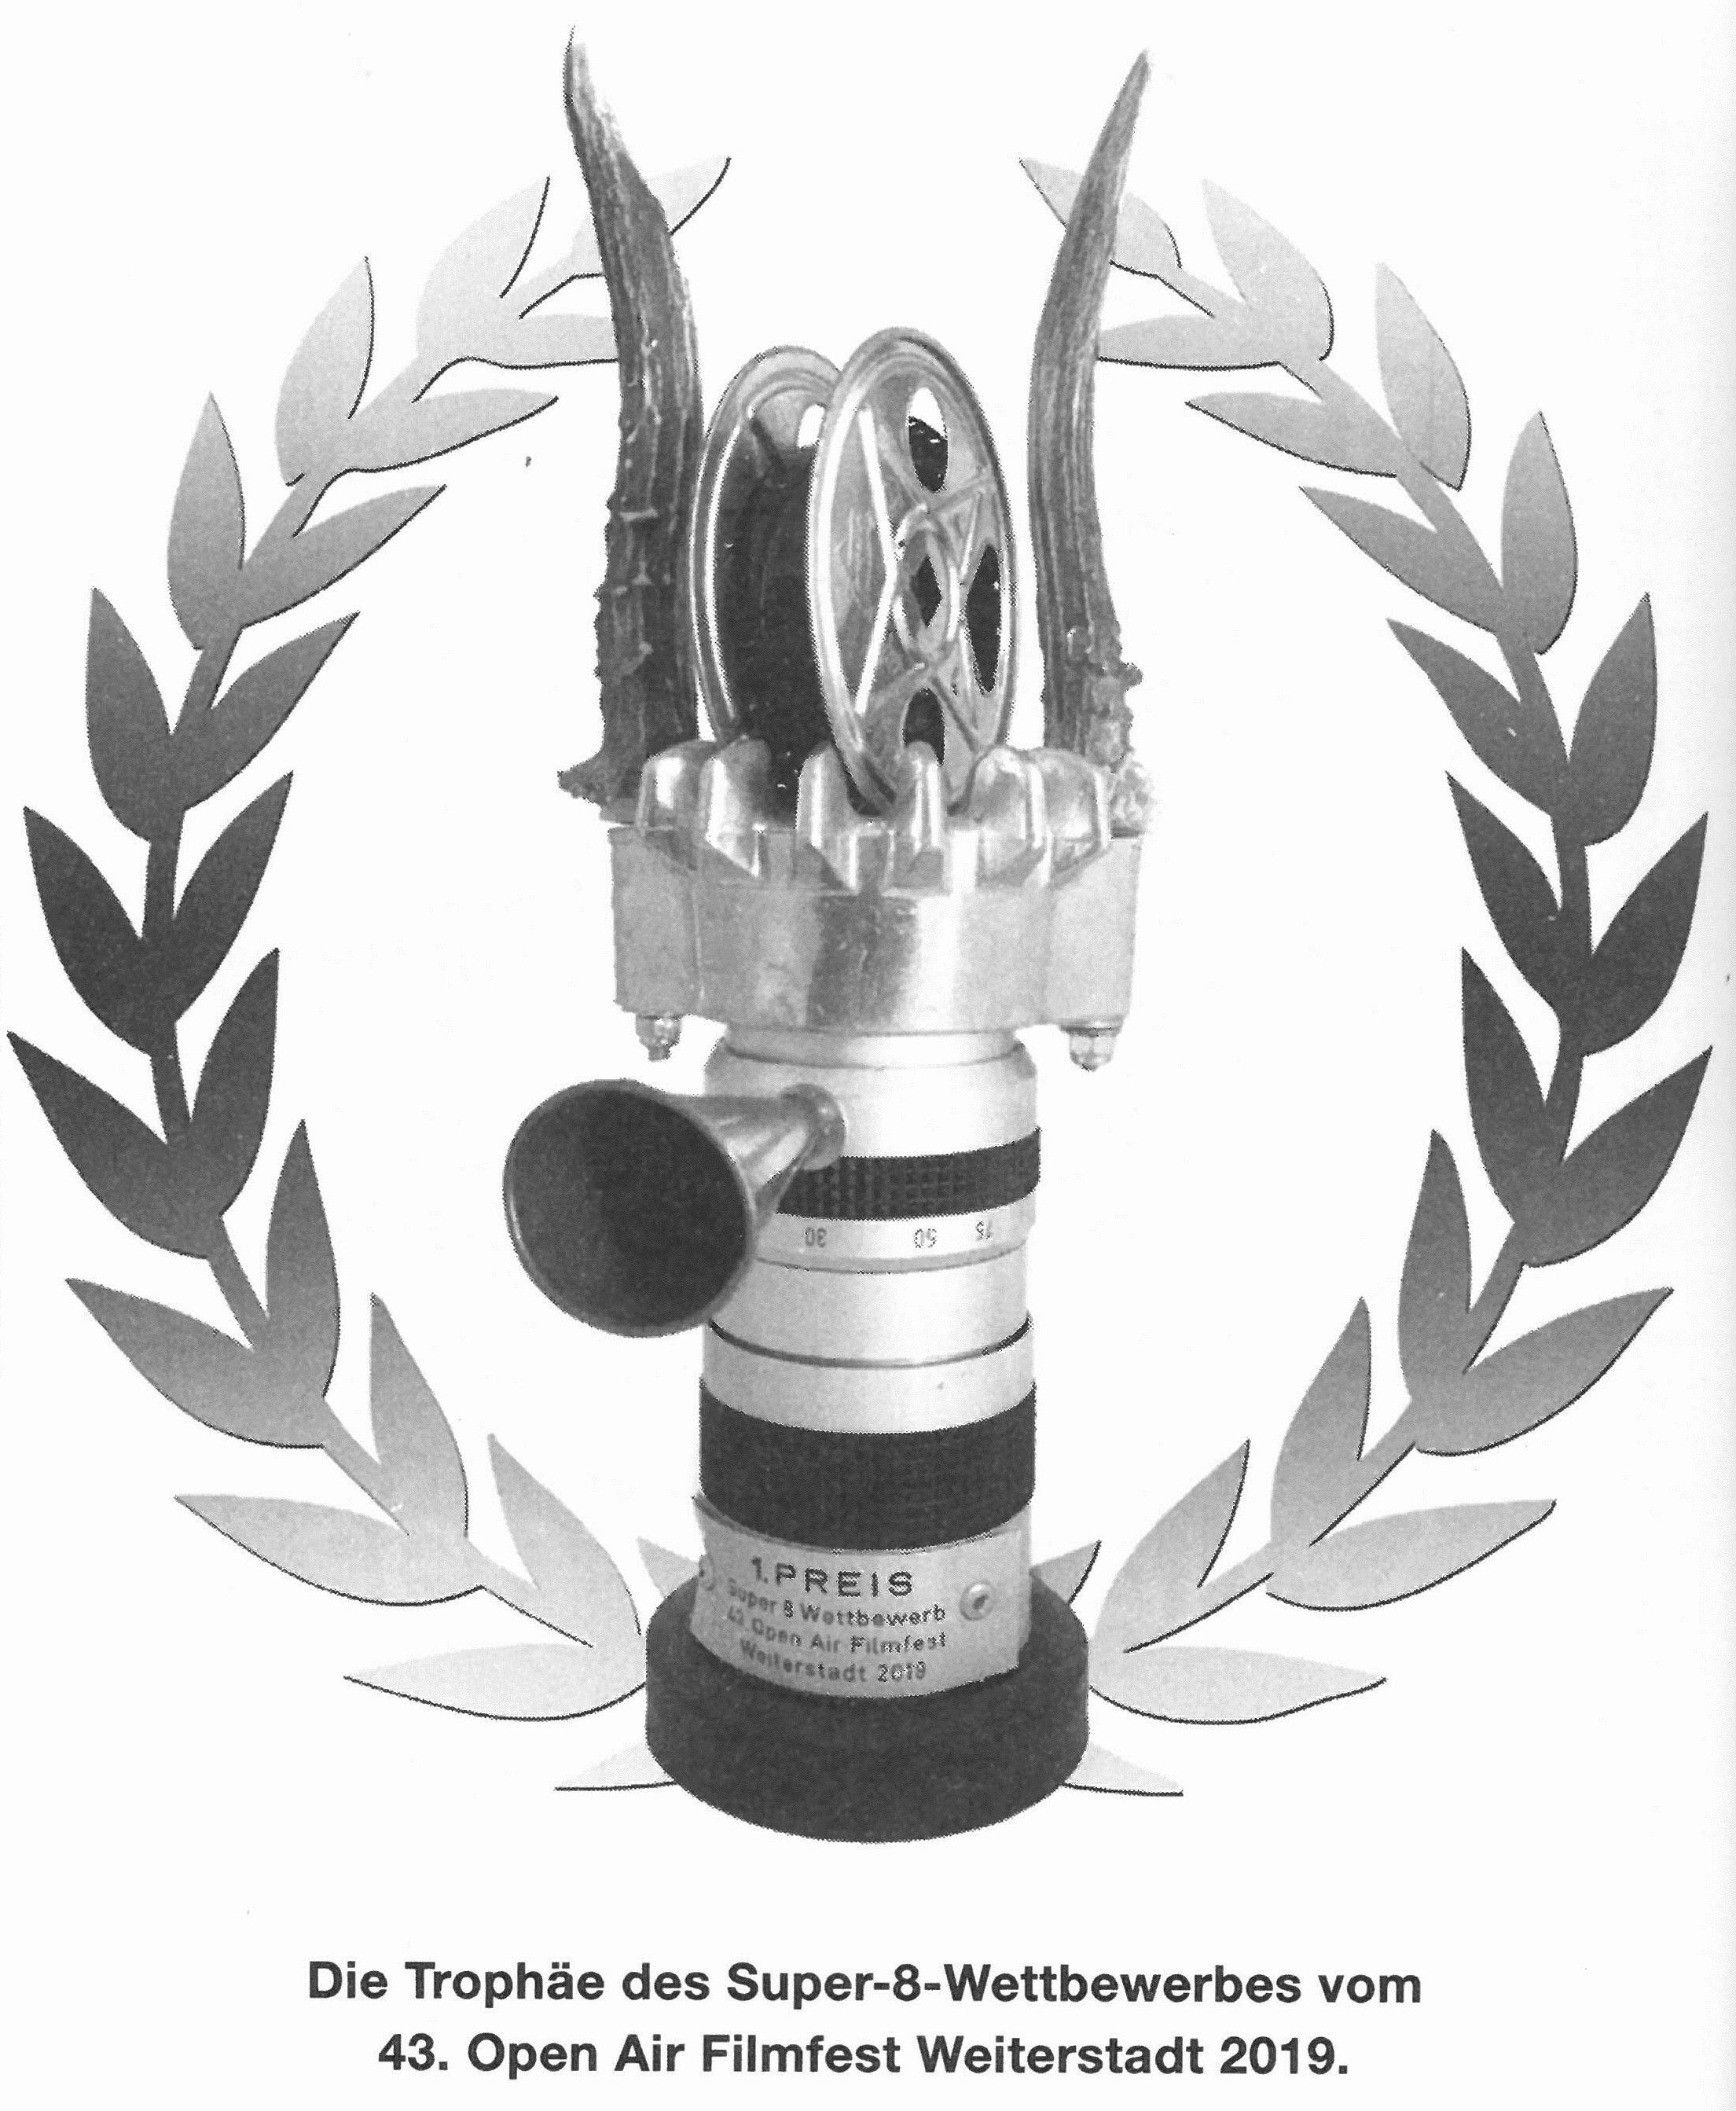 Die Gewinner des Super-8-Wettbewerbs  Weiterstadt 2019